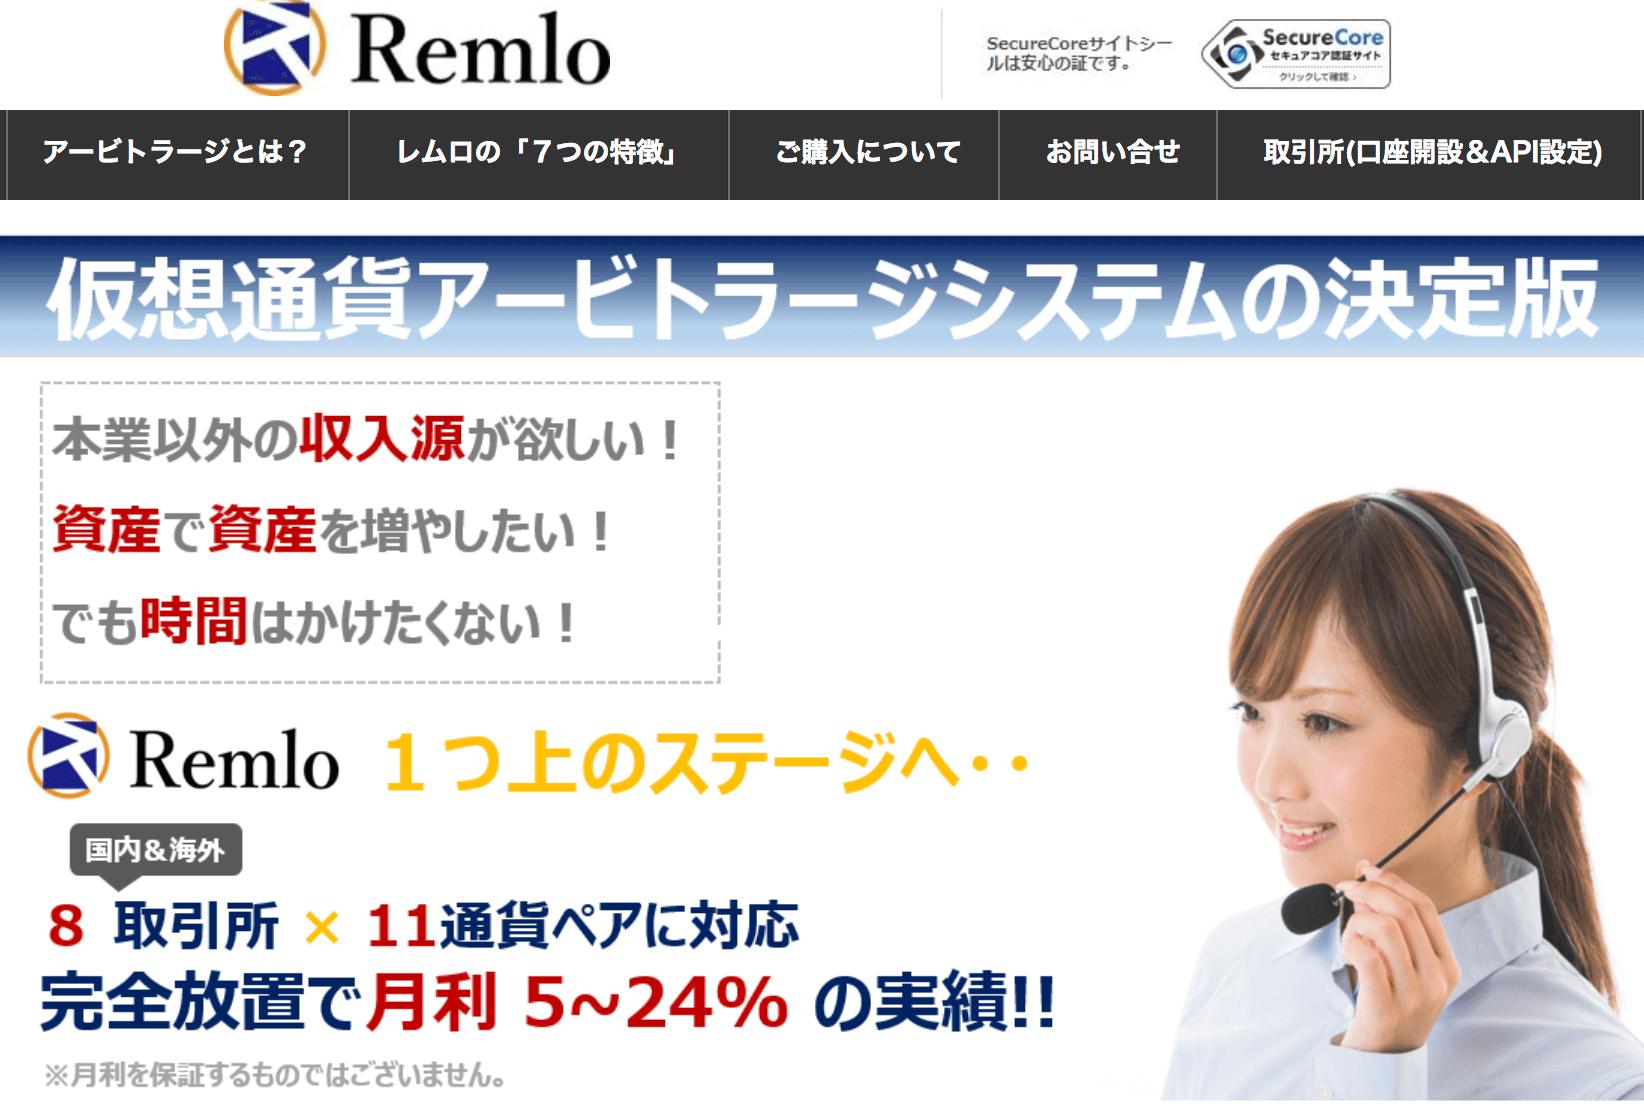 レムロ仮想通貨アービトラージシステム豪華特典付き評判口コミレビュー